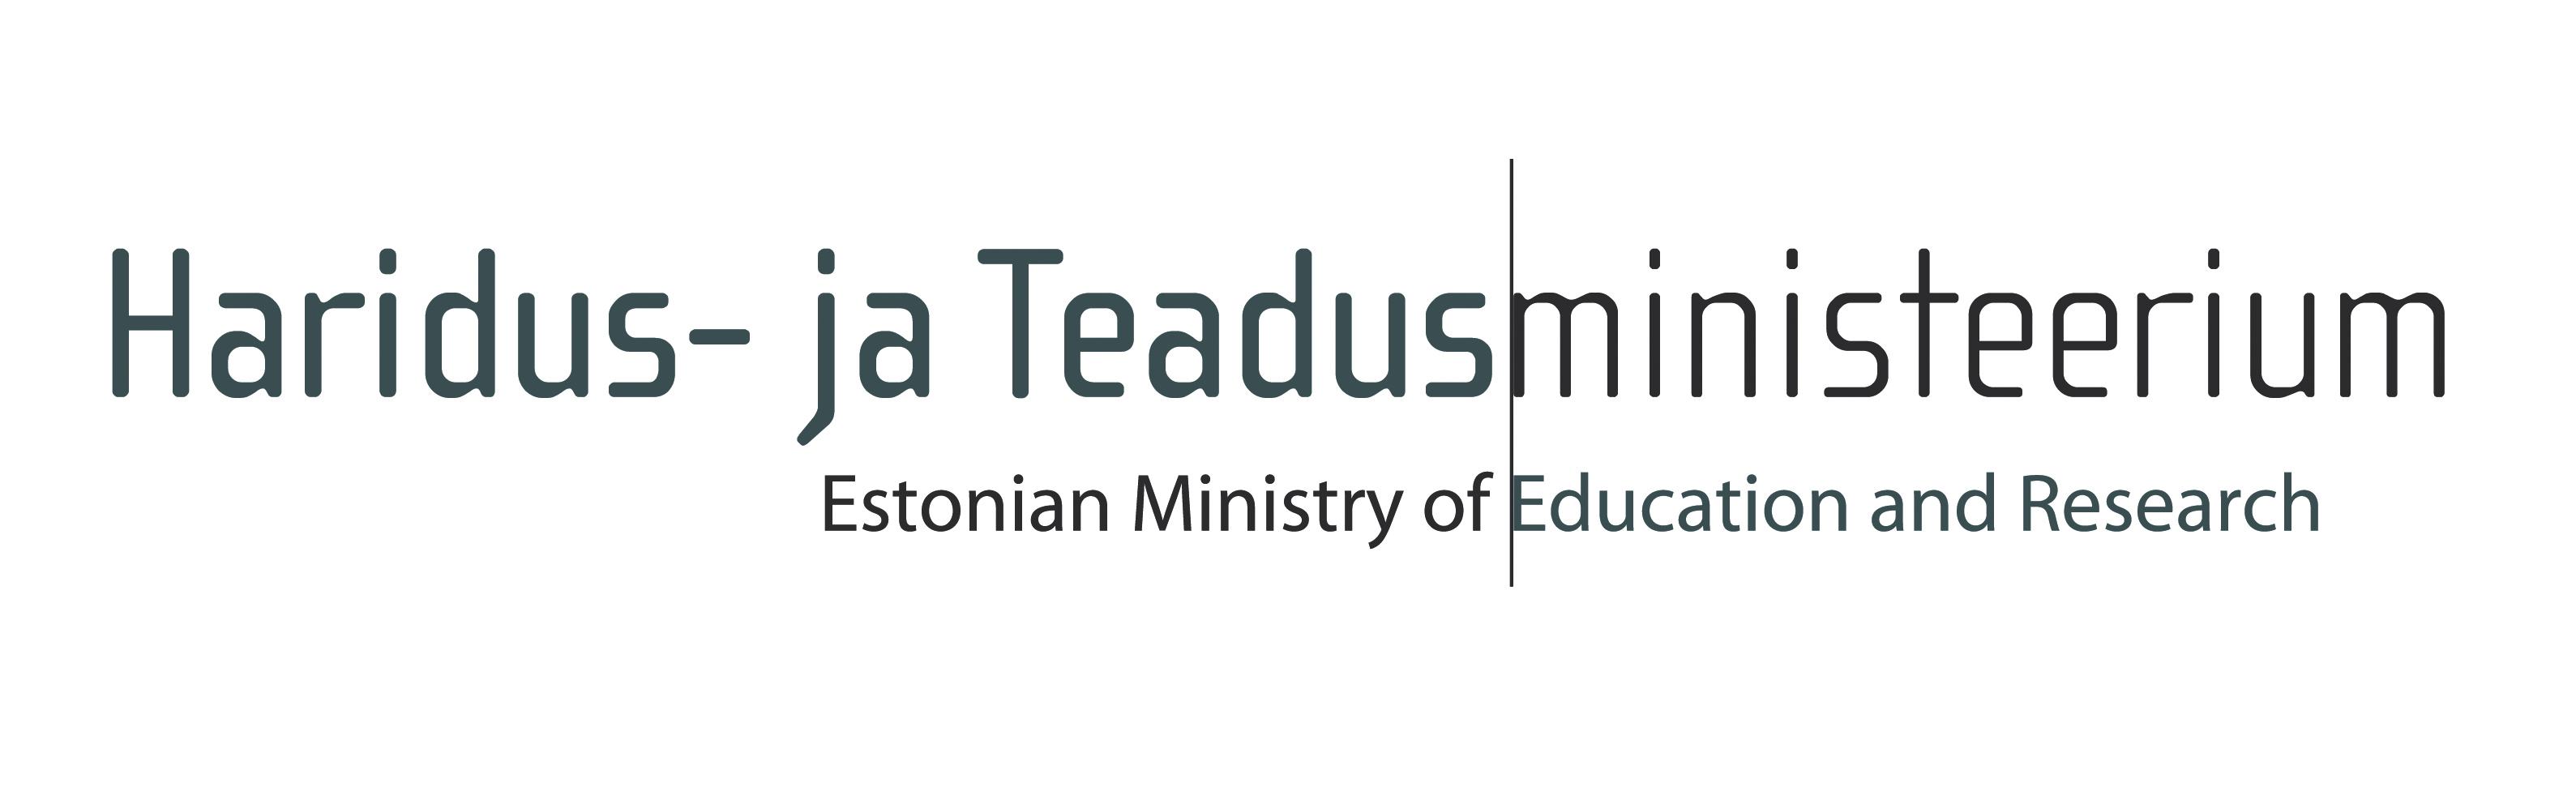 Haridus- ja Teadusministeerium